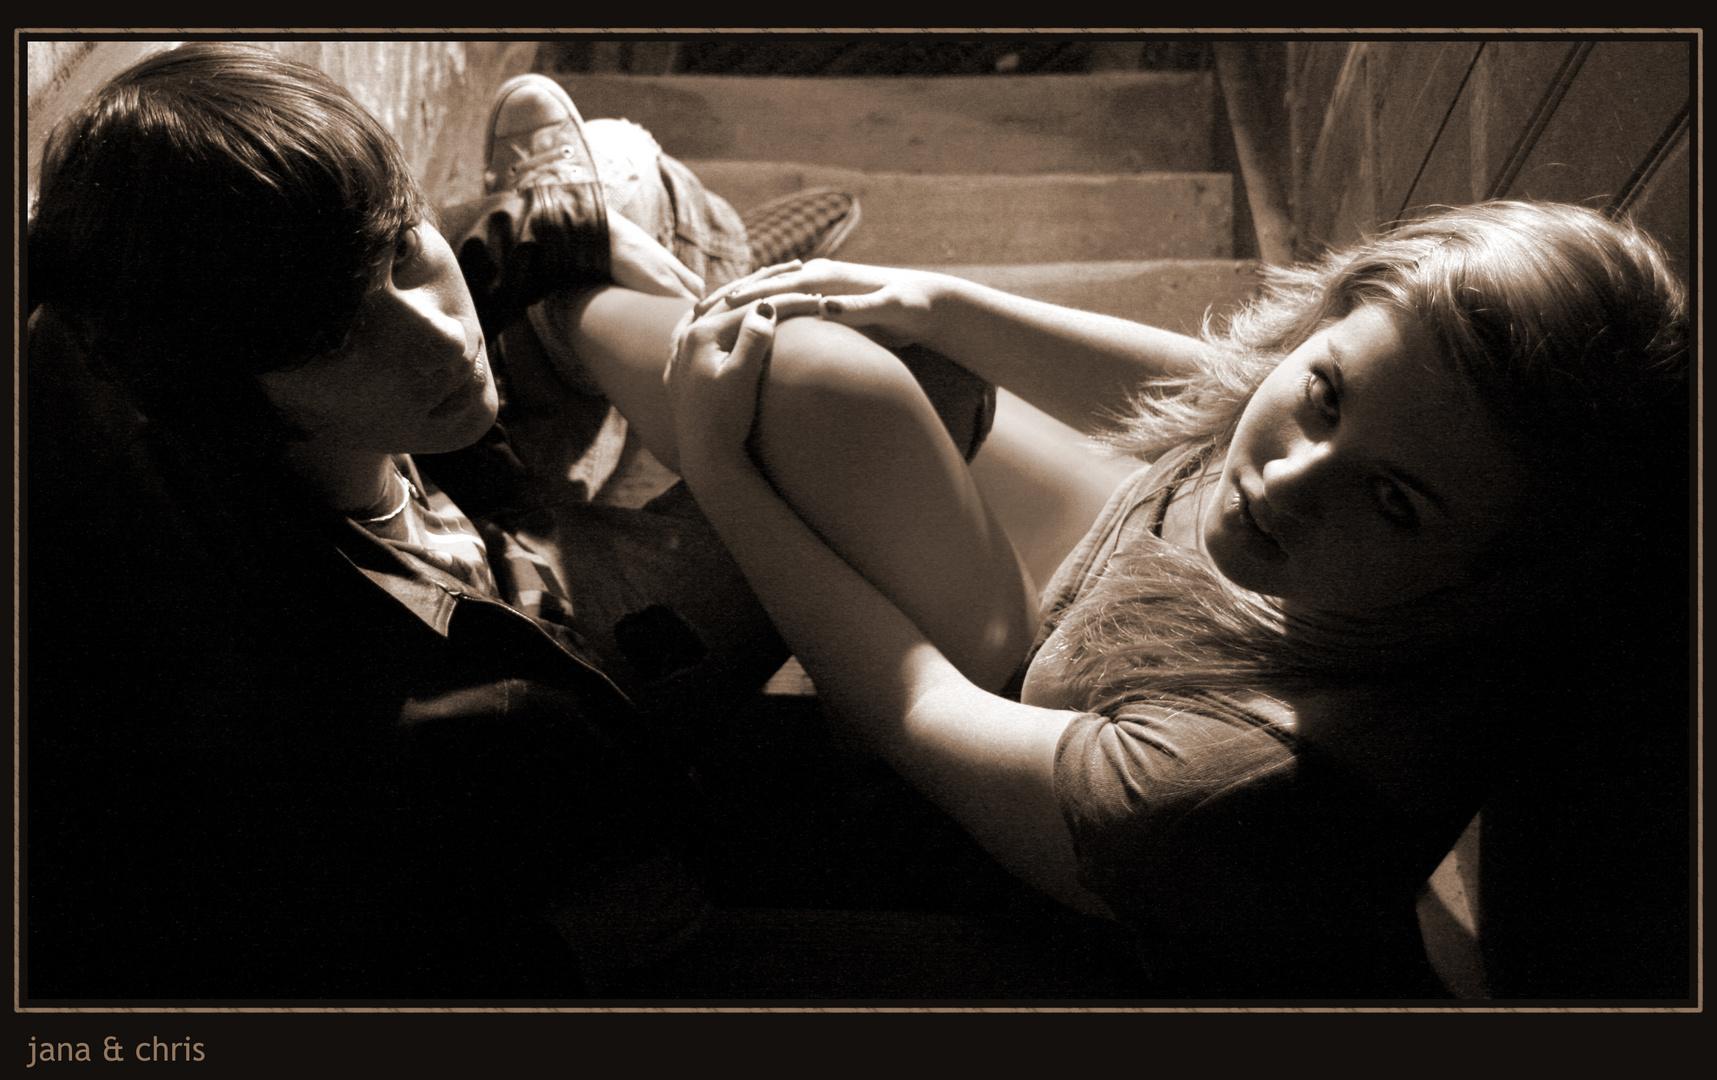 Jana & Chris